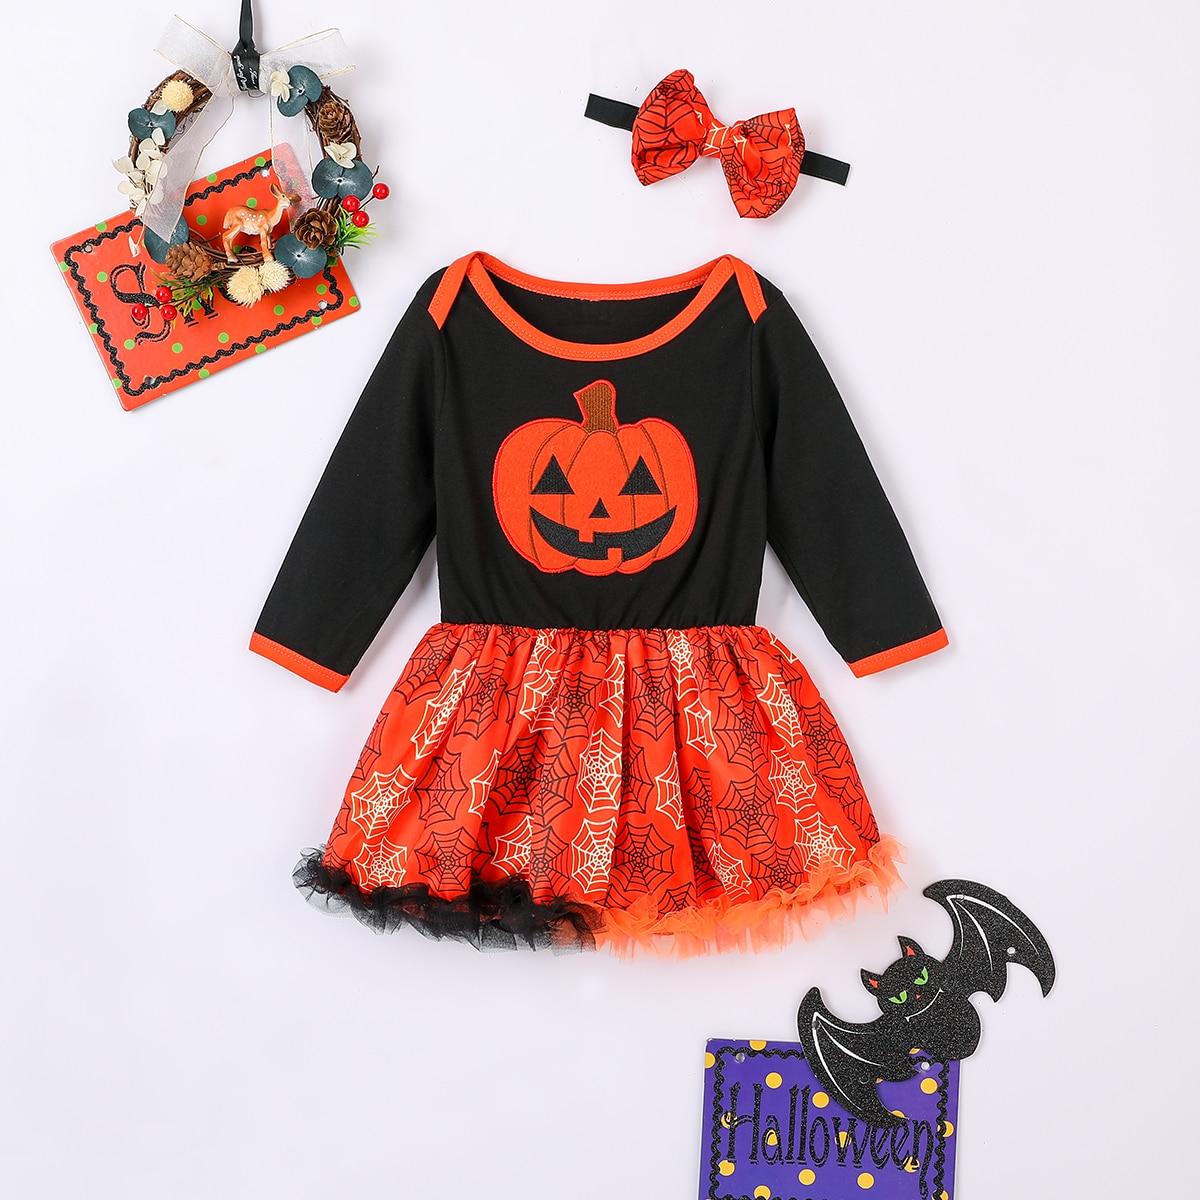 Хэллоуин платье-боди с вышивкой и повязка на голову для девочек